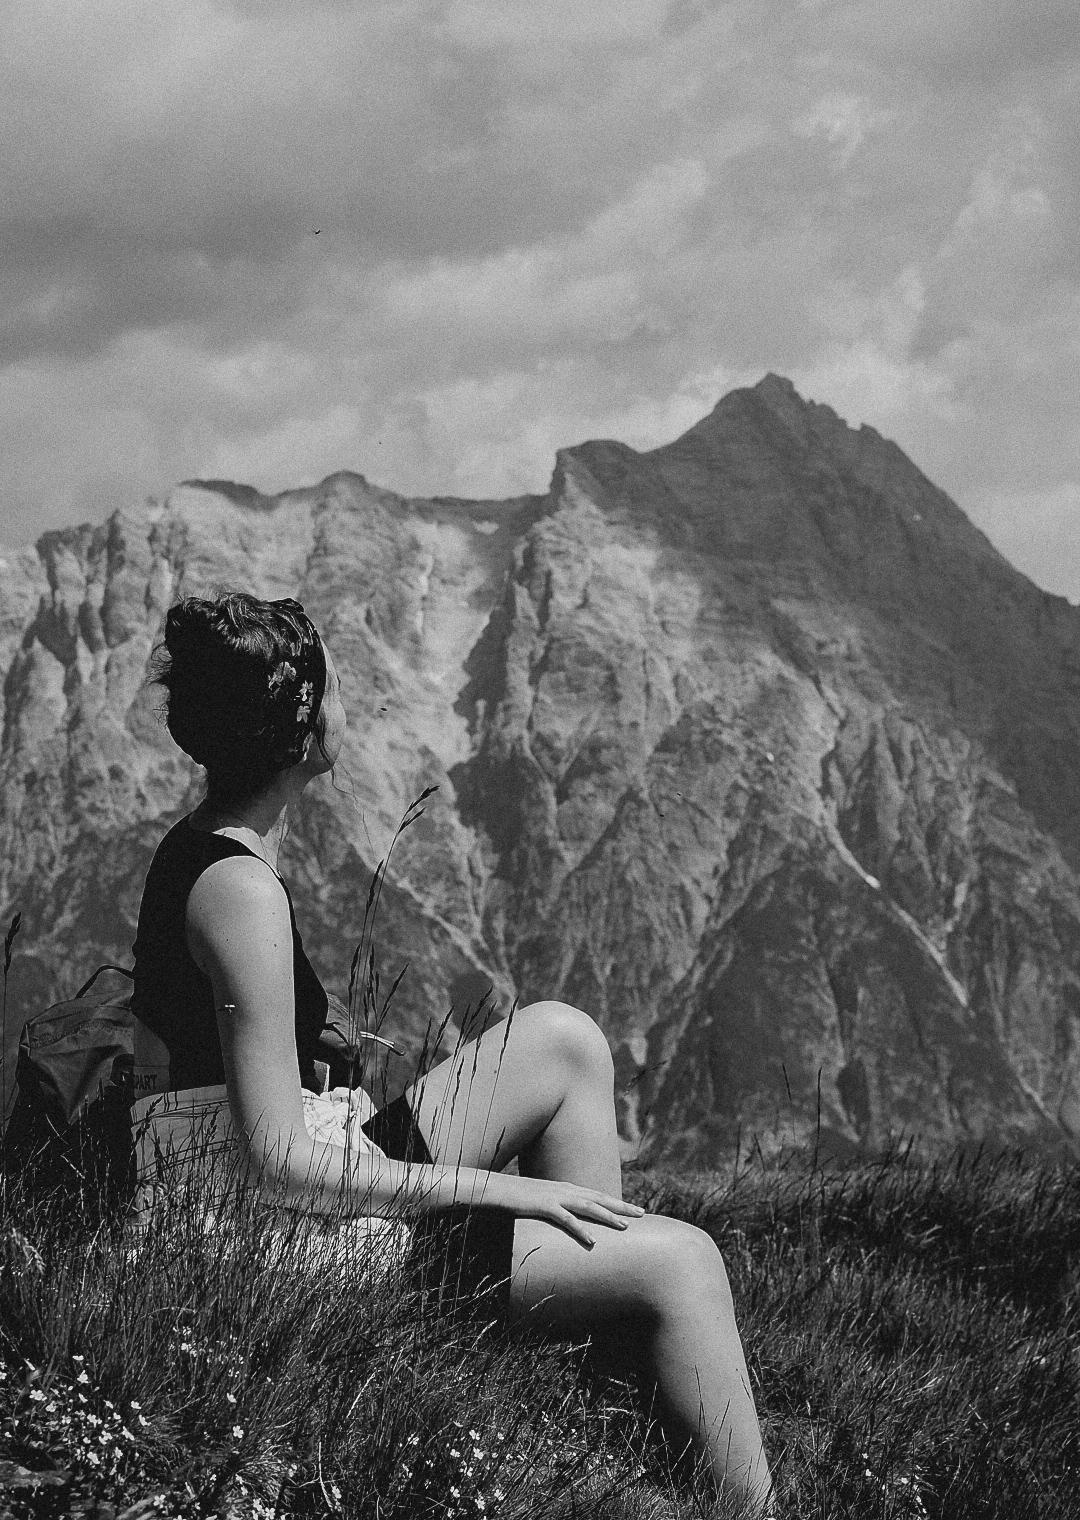 Sommerurlaub in Salzburg auf den Bergen. Im Hintergrund sind die Bergspitzen zu sehen und im Vordergrund sitze ich in einer Wiese und blicke zu den Bergen.